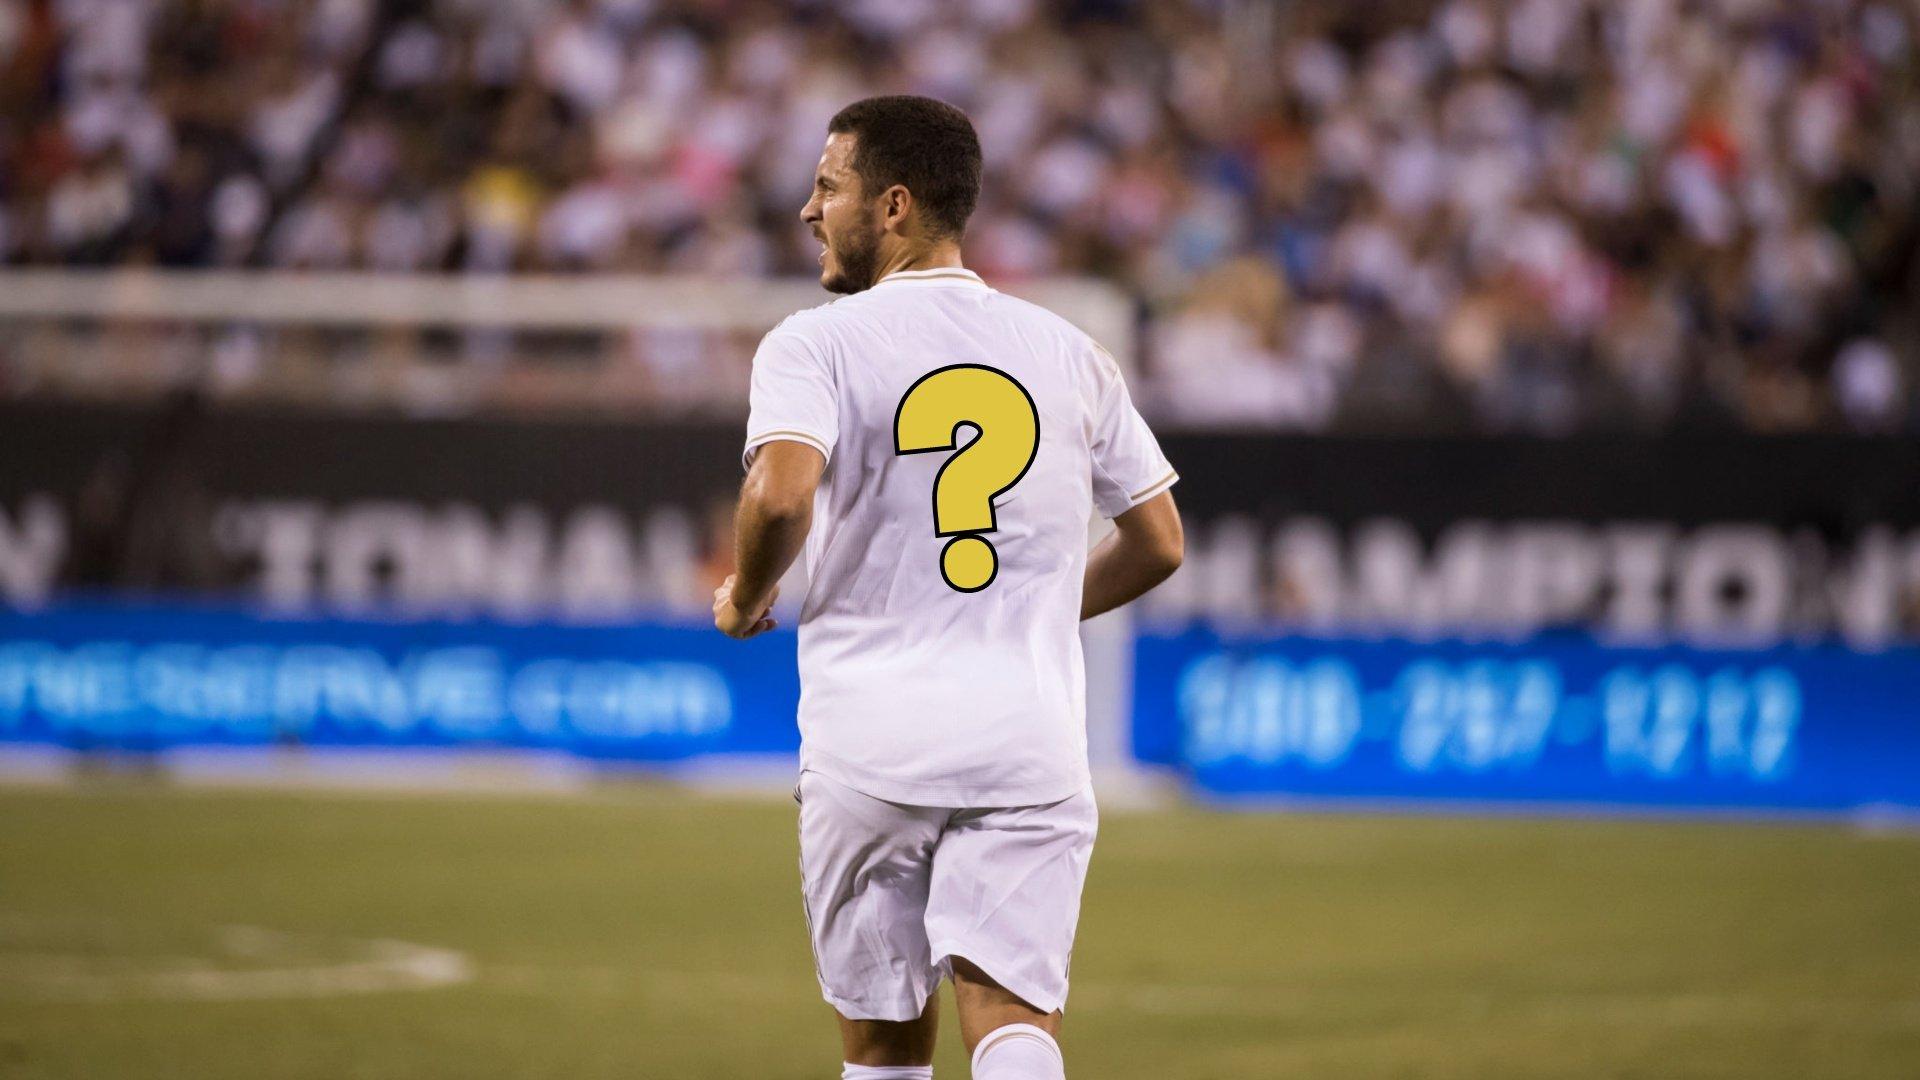 Eden Hazard finally has his new number